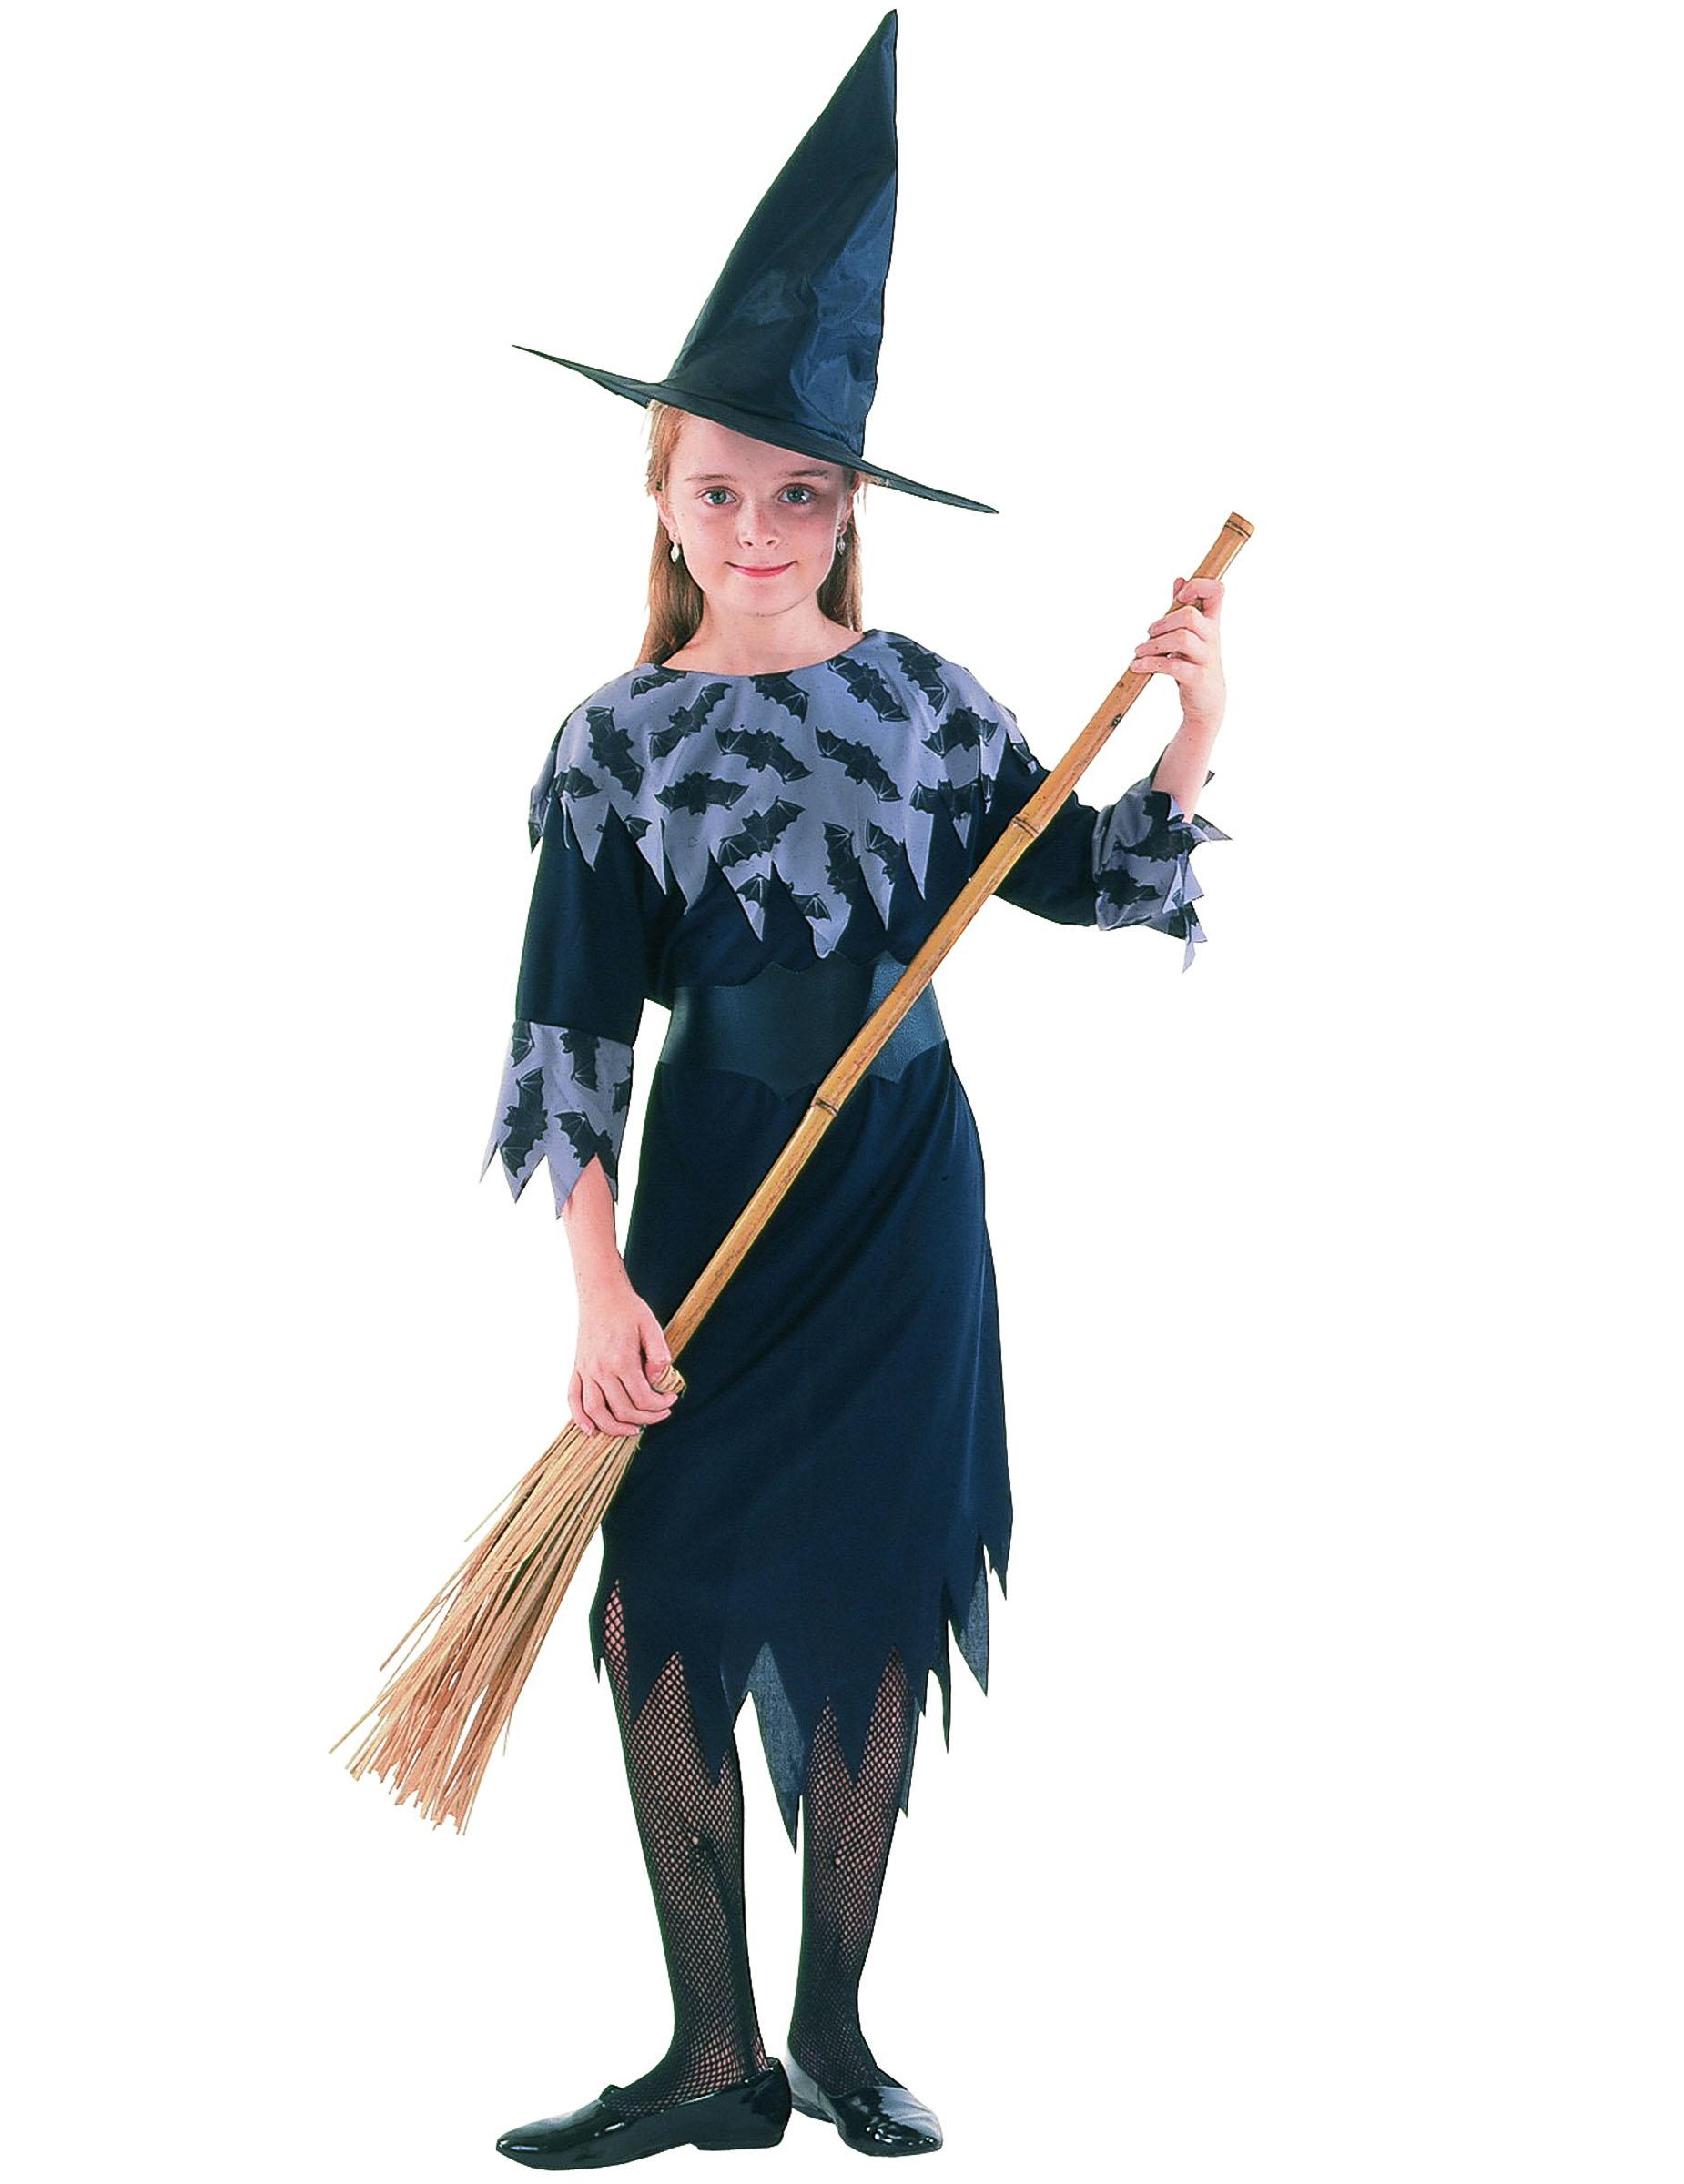 Costume strega-pipistrello bimba su VegaooParty 2adf5014f52a